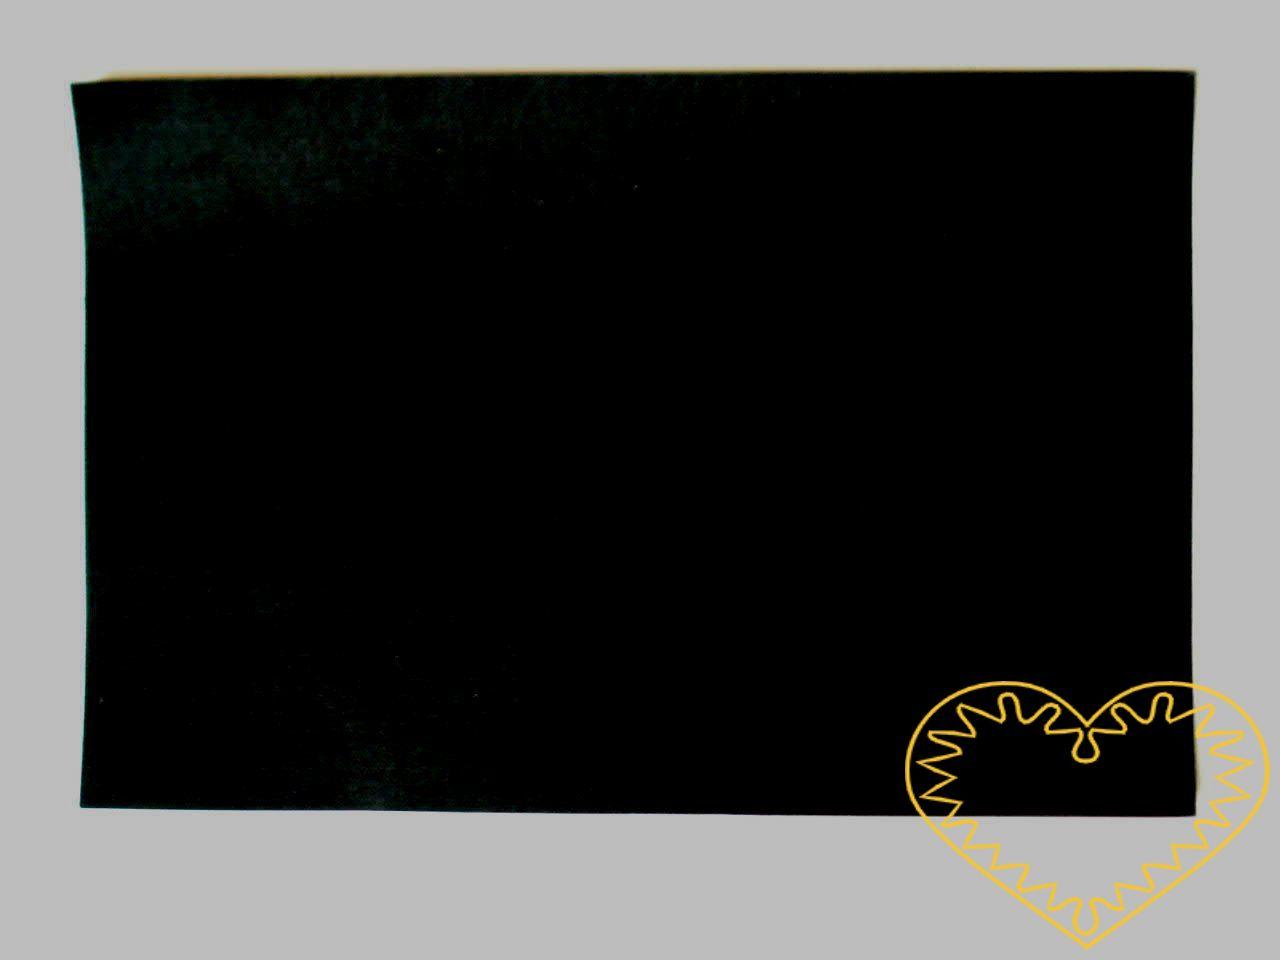 Černá samolepící plsť - rozměr 30 x 20 cm. Výborný materiál pro tvoření, můžete přilepit na papír, buničinu, dřevo, sklo, plast ad.. Z plsti vystřihnete Vámi požadovaný tvar, poté na zadní straně sejmete ochranou fólii a plsť přiložíte zadní stranou